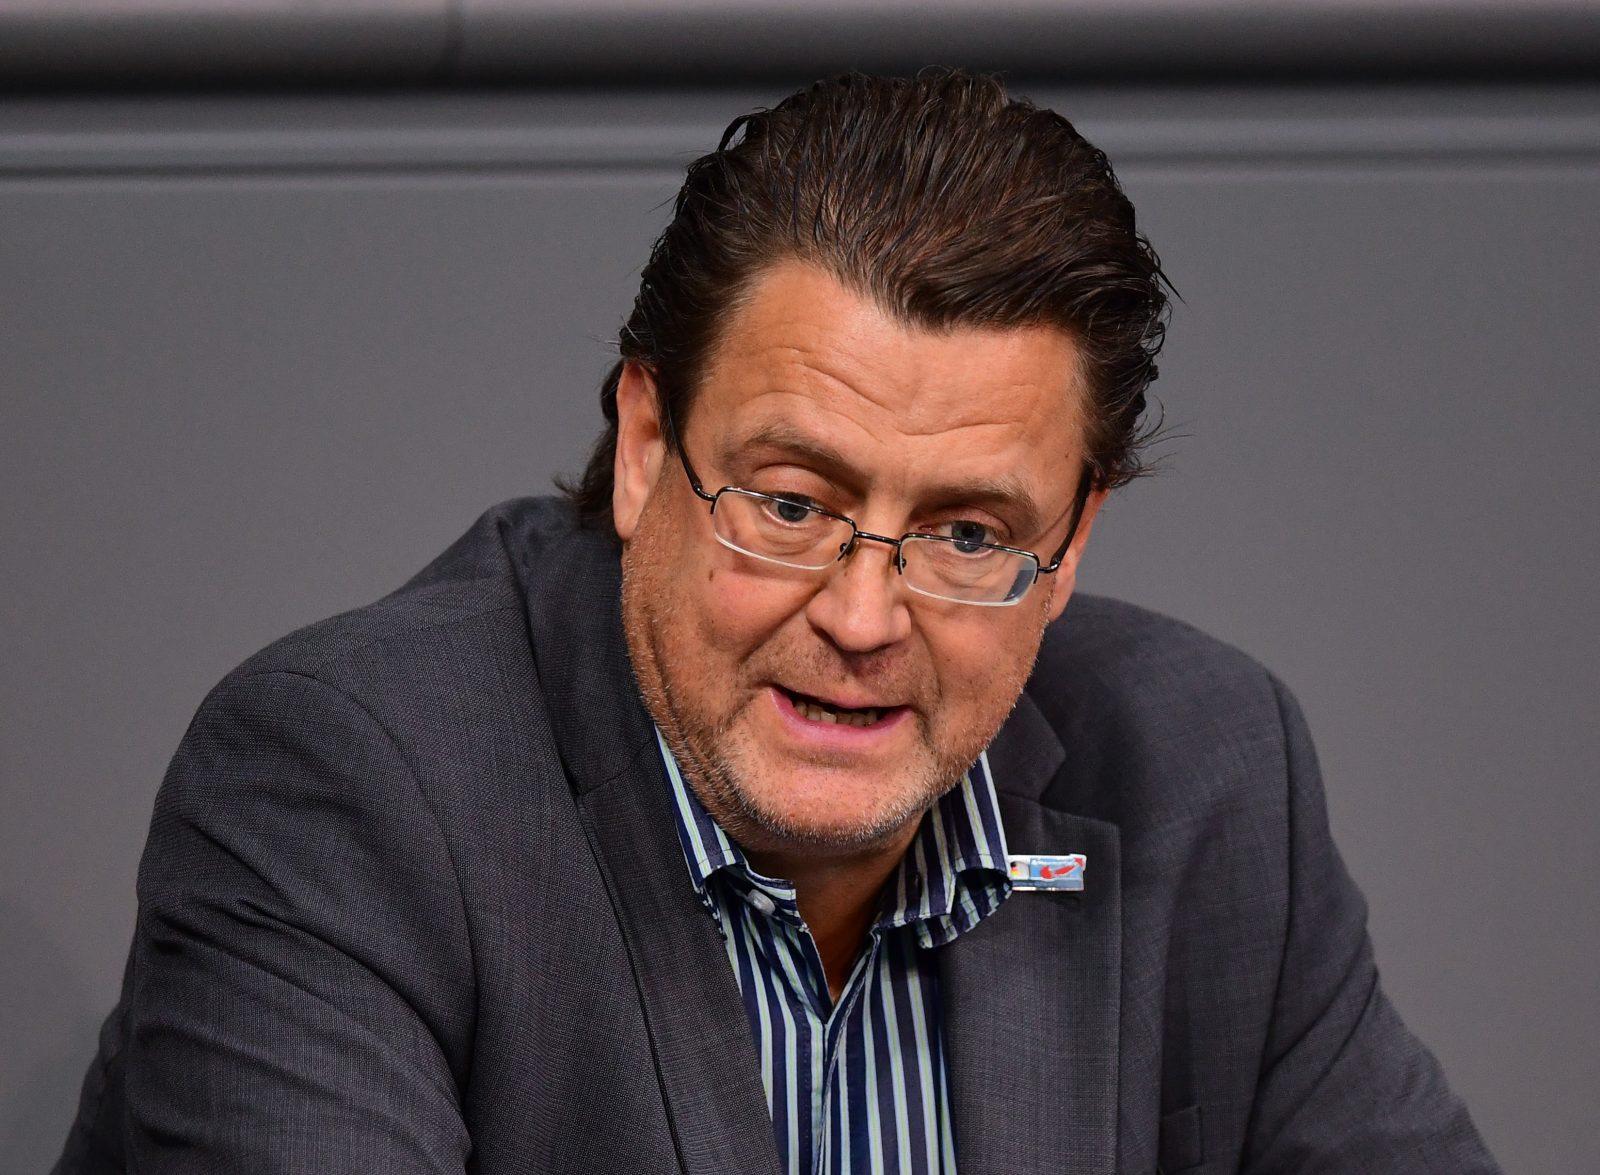 Der AfD-Bundestagsabgeordnete Stephan Brandner attackiert die Regierung für die Kooperation mit der Amadeu Antonio Stiftung Foto: picture alliance/Soeren Stache/dpa-Zentralbild/dpa